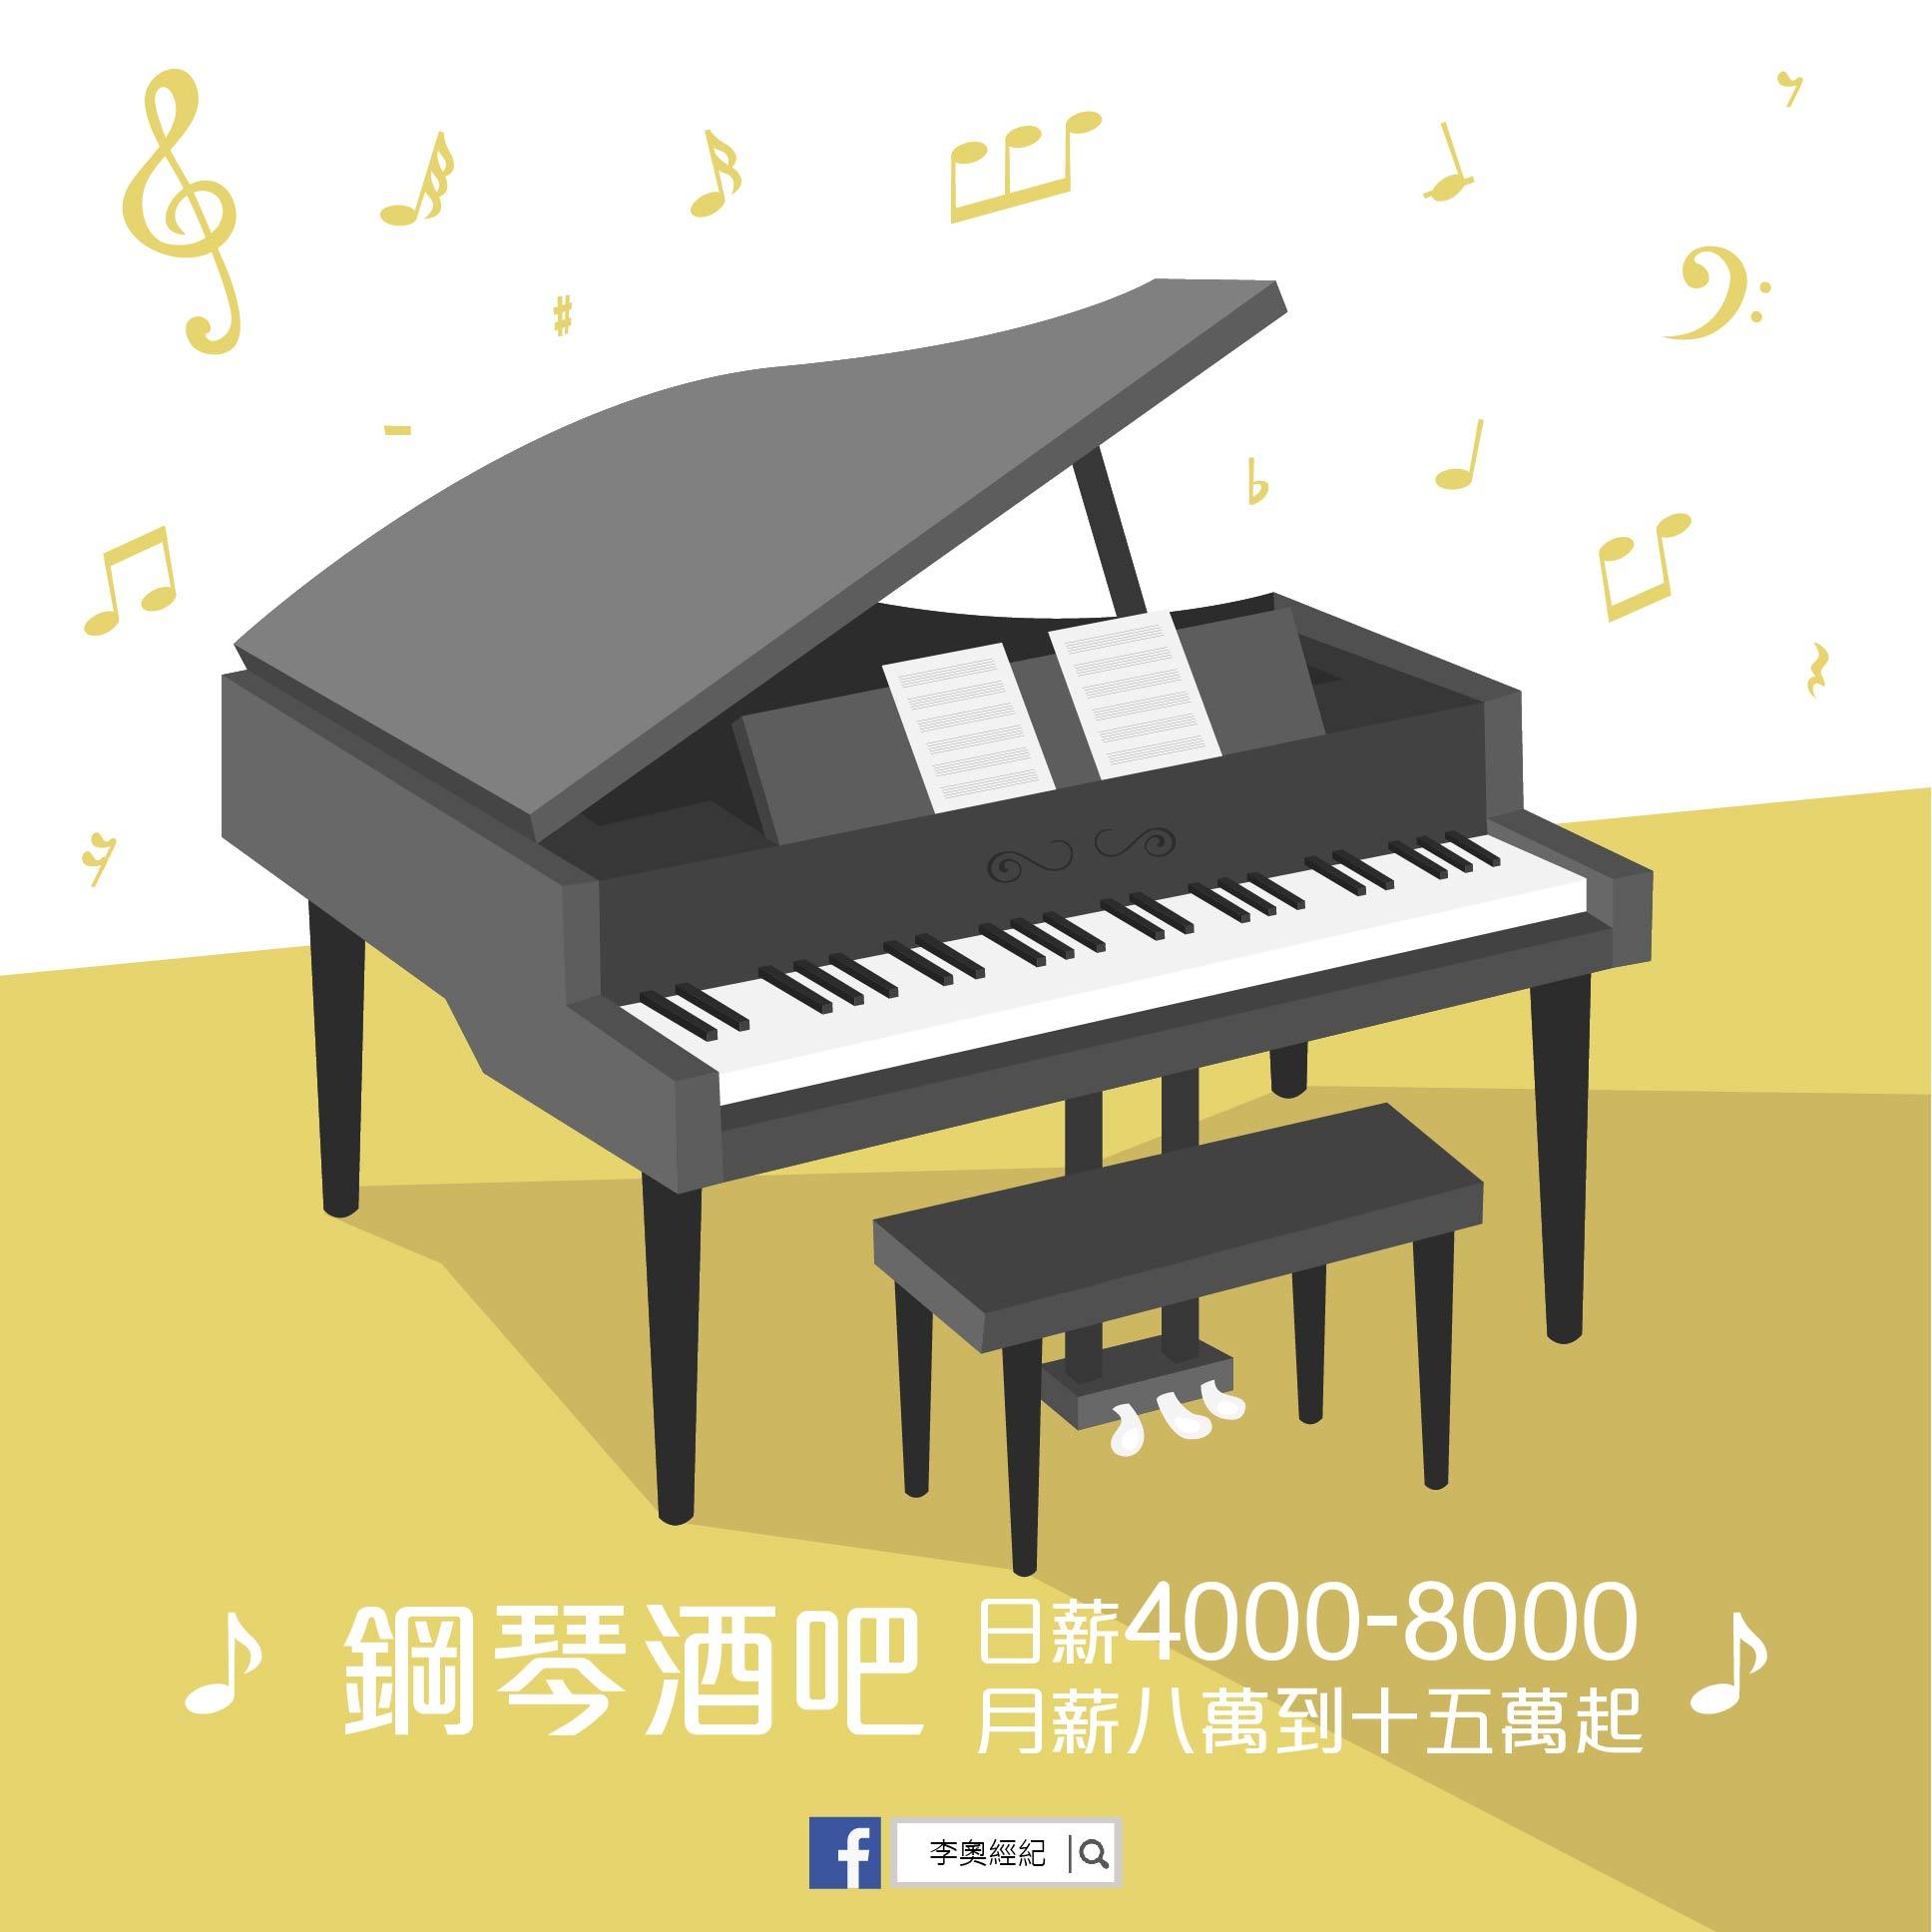 10-31鋼琴酒吧-02